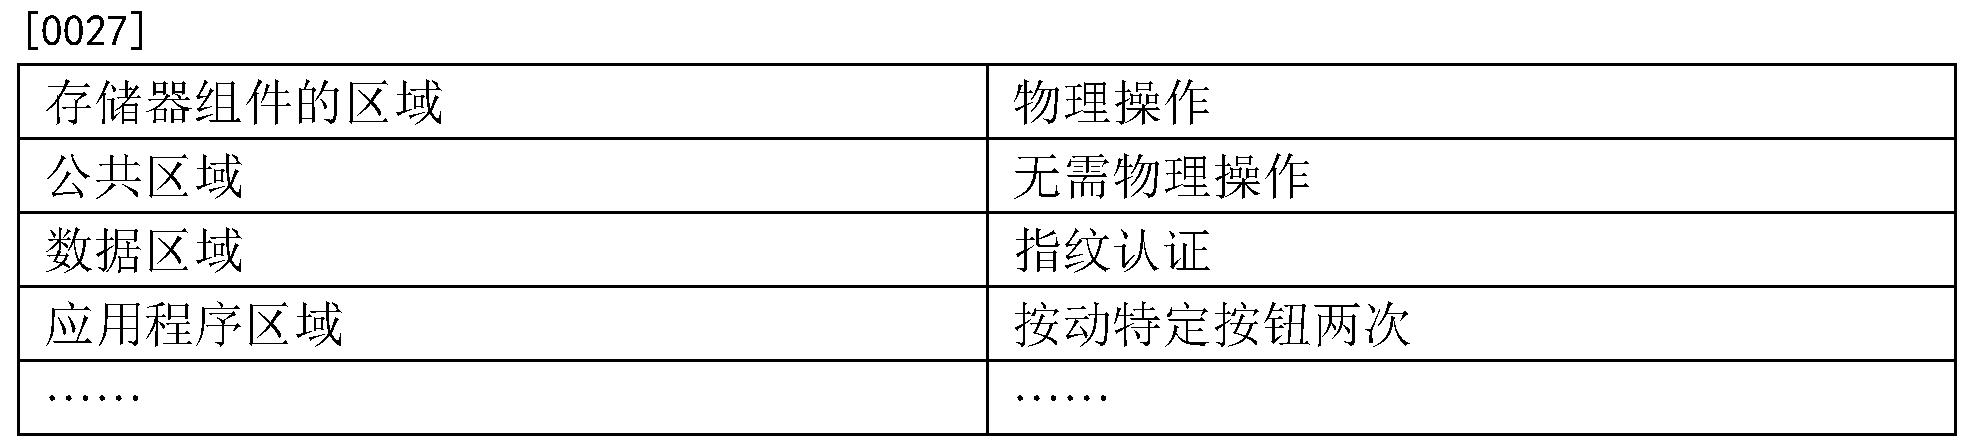 Figure CN104951689BD00051